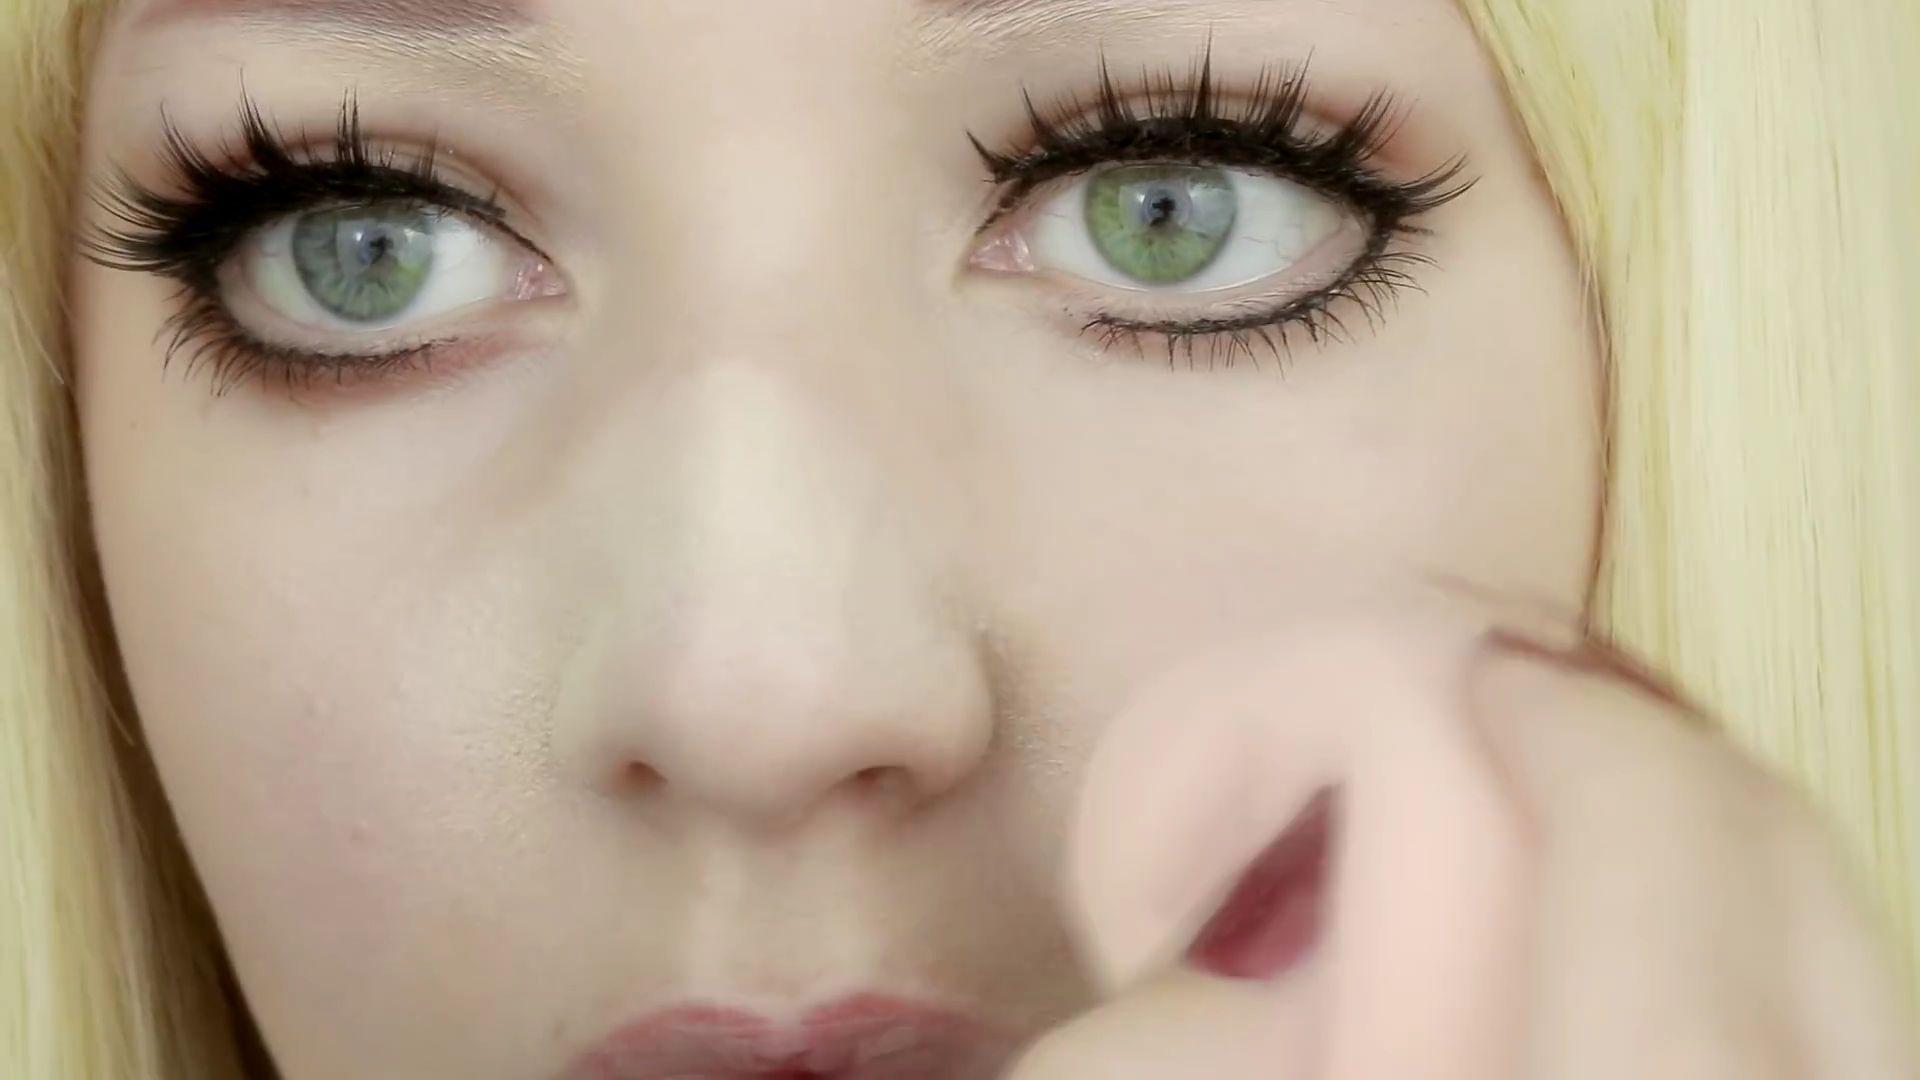 Misa Amane Cosplay DIY en 9 pasos:  Haciendo uso de la Beauty Blender aplica base por todo el rostro